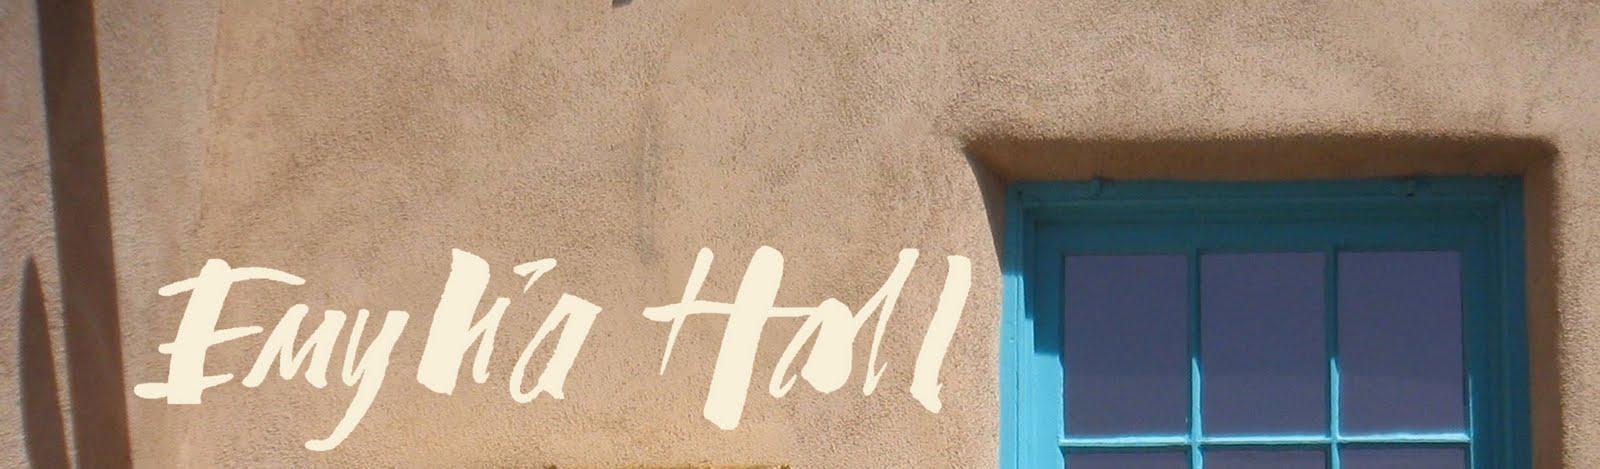 Emylia Hall